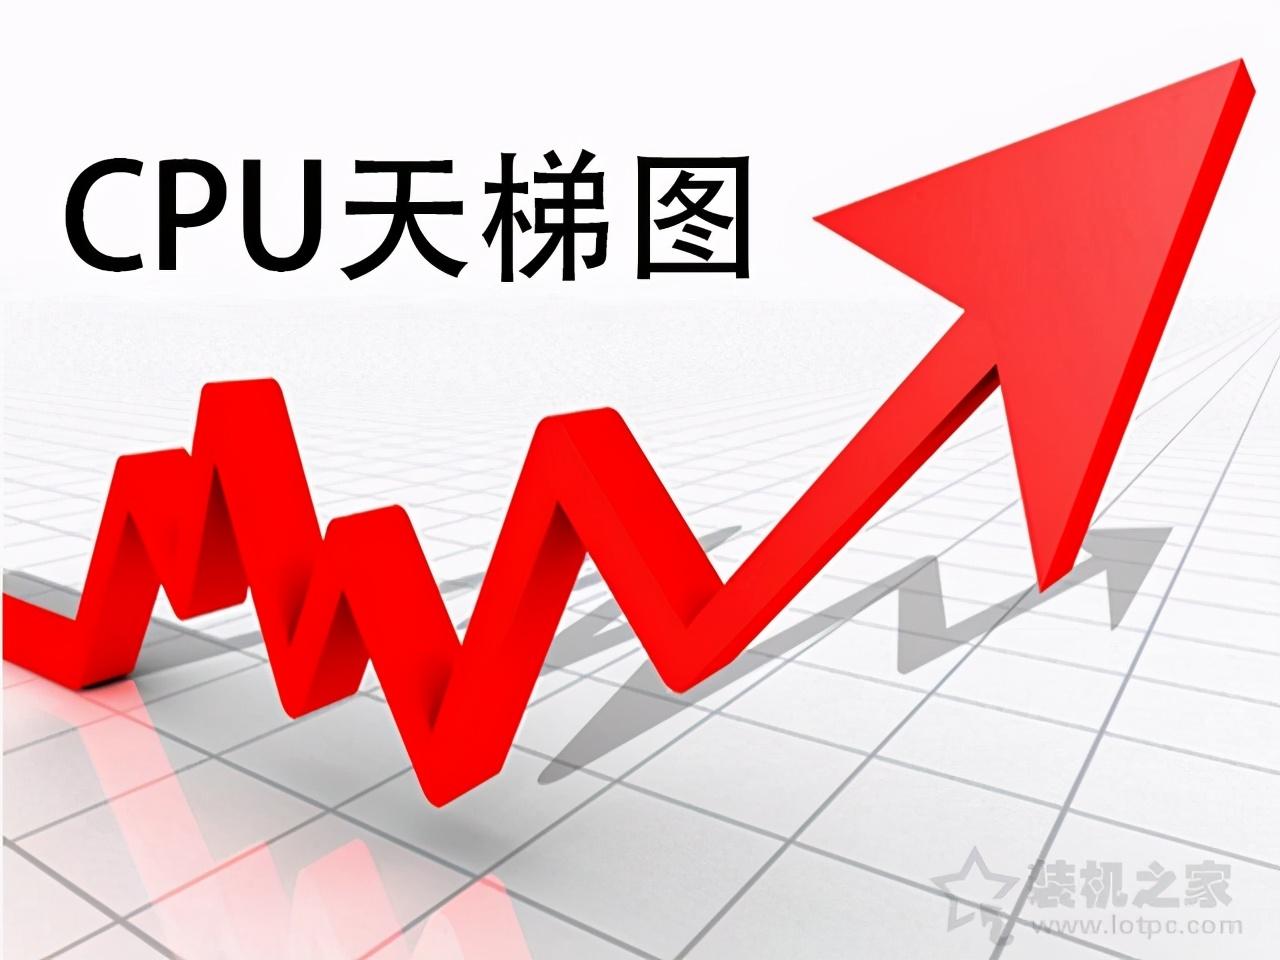 笔记本电脑怎么看CPU性能高低?笔记本CPU天梯图2021最新版6月-小玖数码资源博客